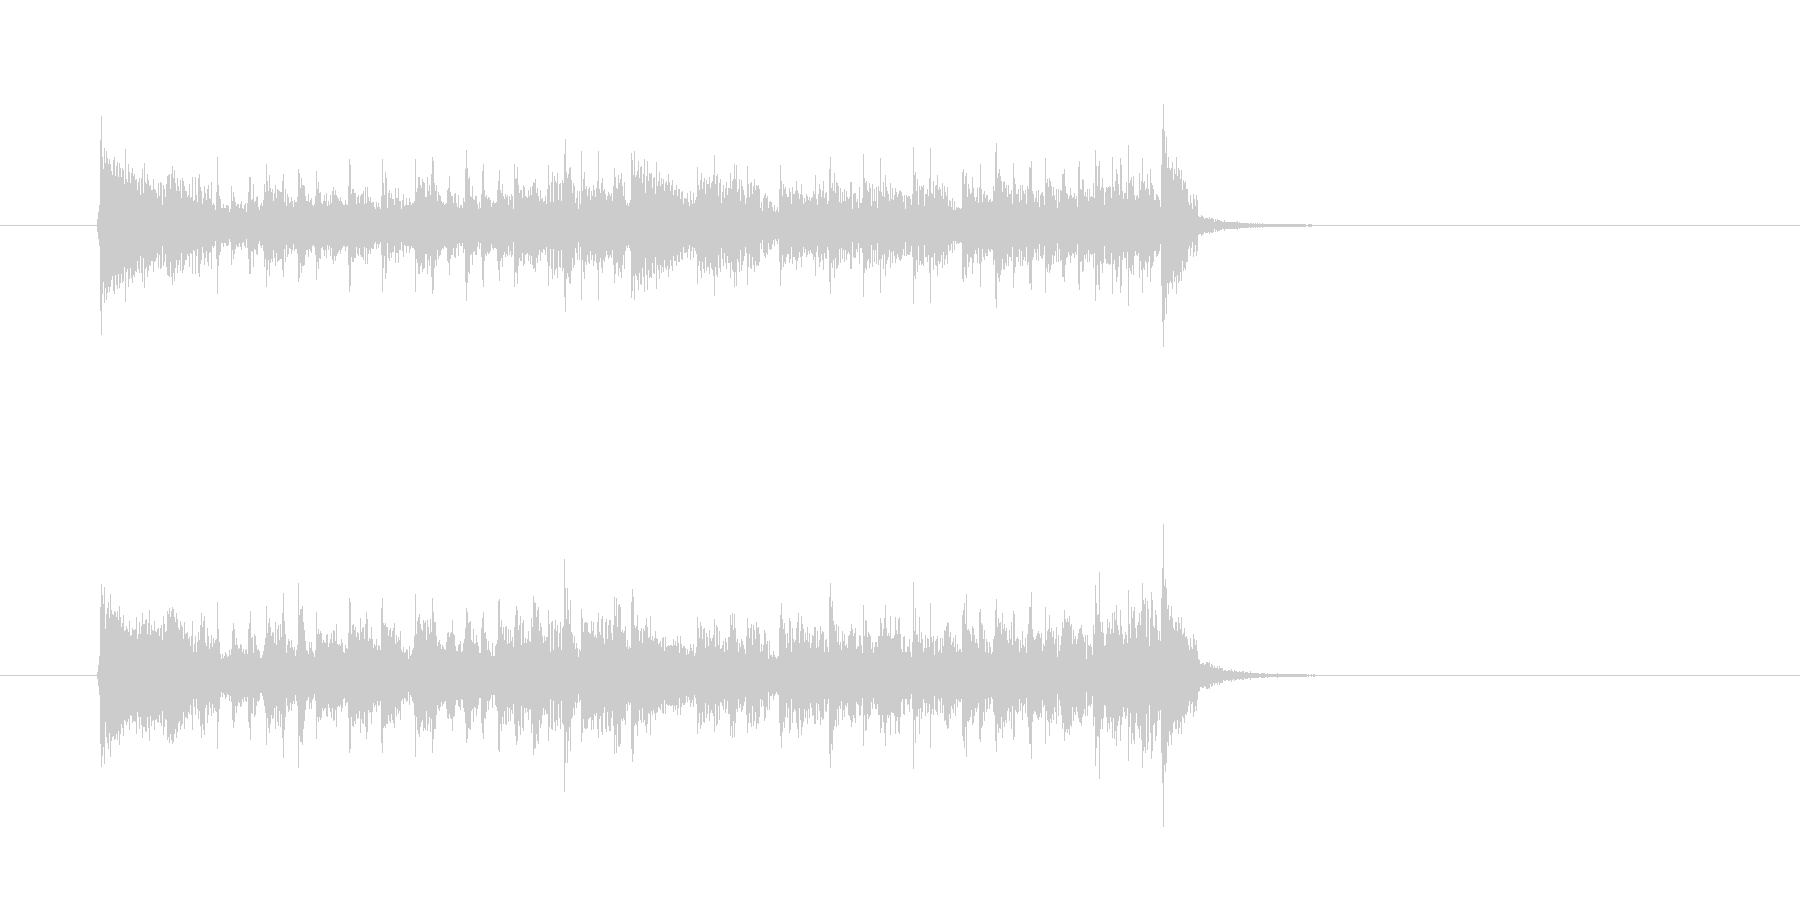 クール ベース シンセサイザーの未再生の波形